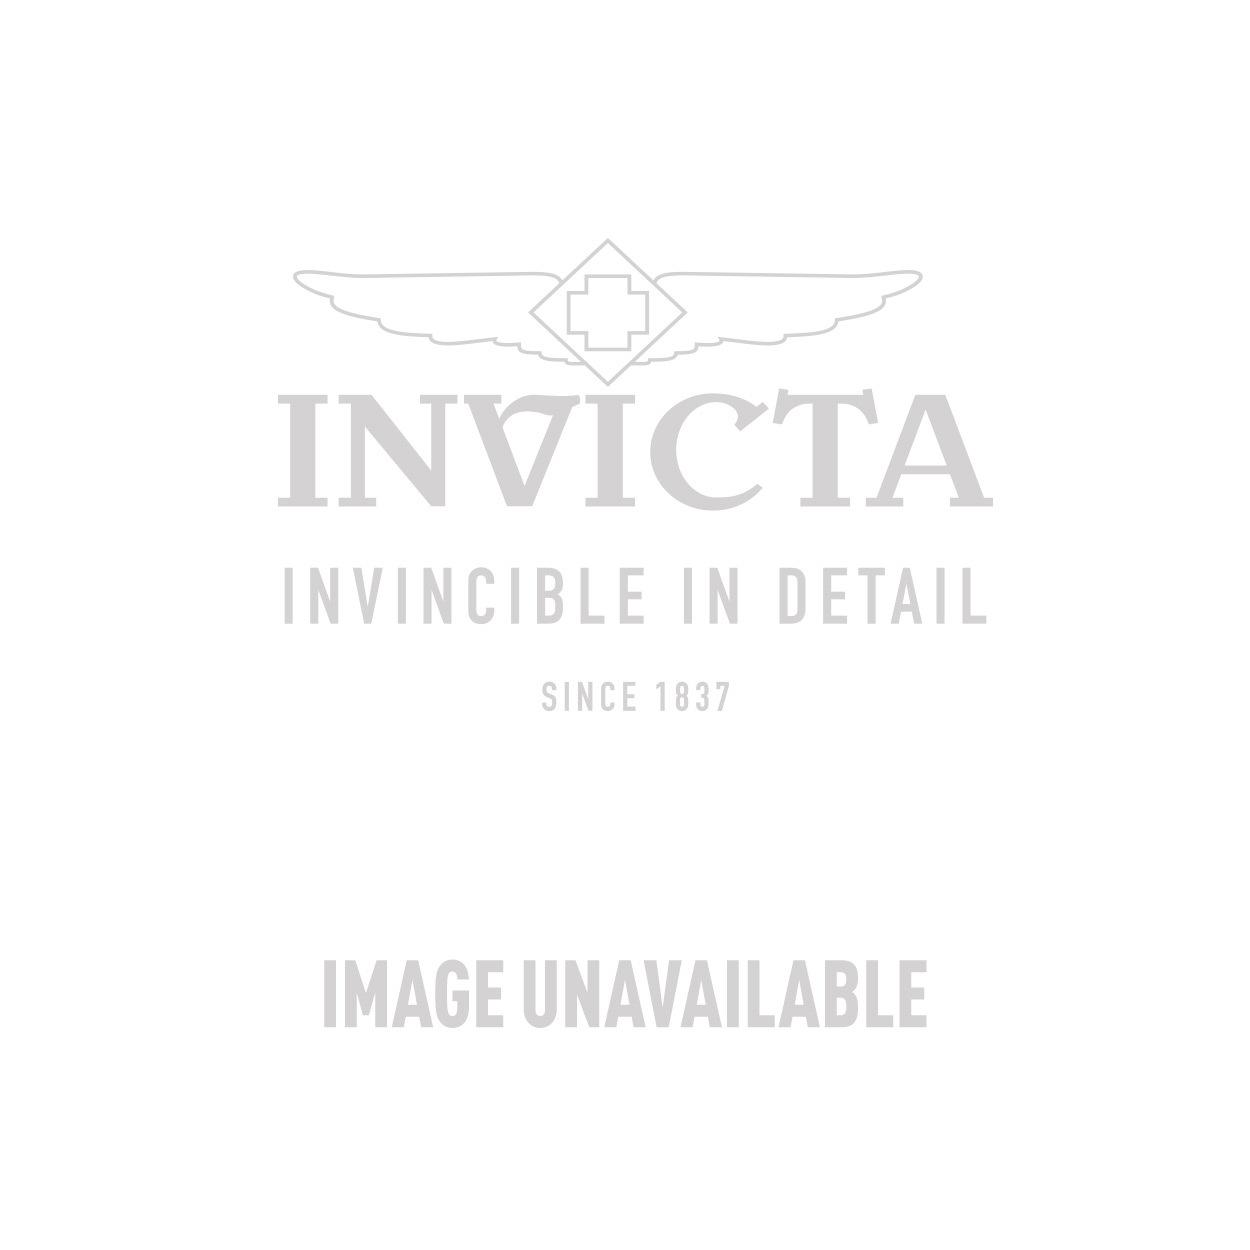 Invicta Model  25629